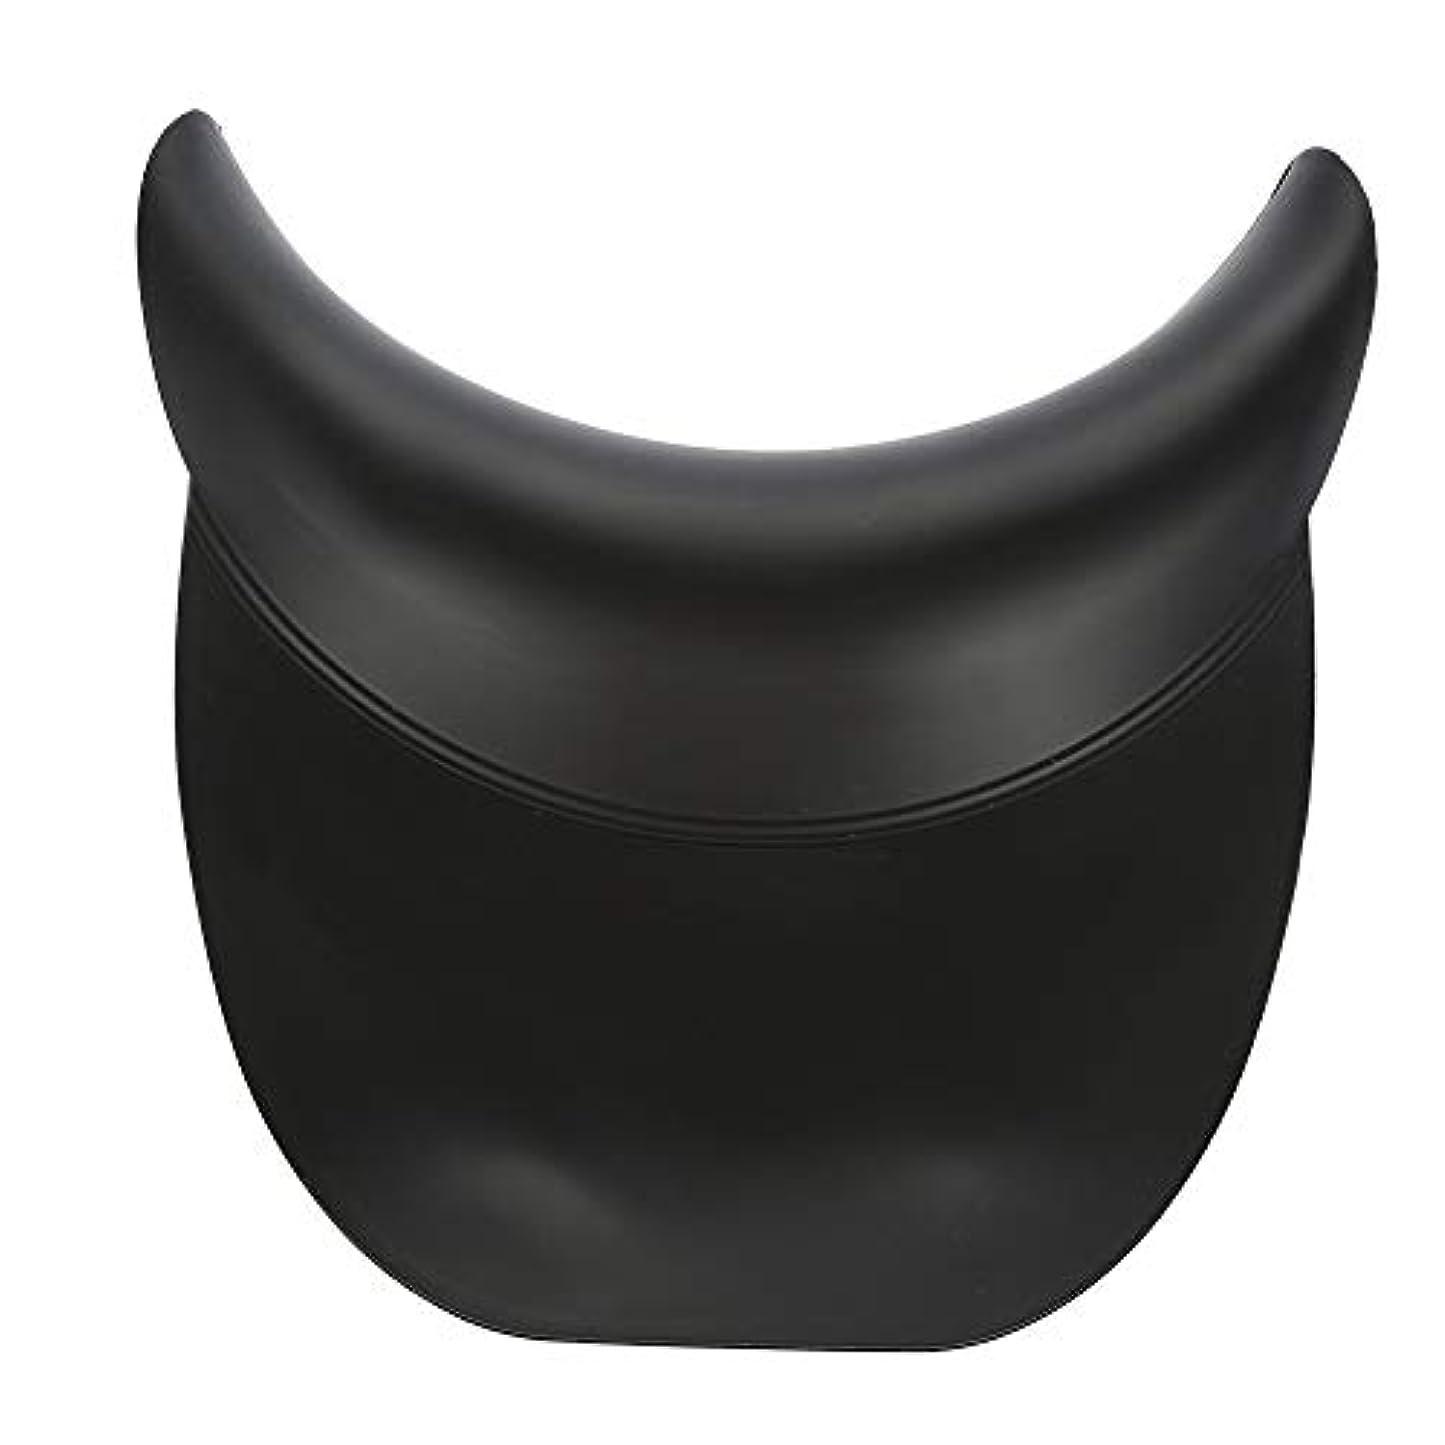 急性のみ不振お風呂枕 Dewin バスピロー シャンプーボールクッション 洗髪用 美容院 美容室 バスピロー弧状デザイン